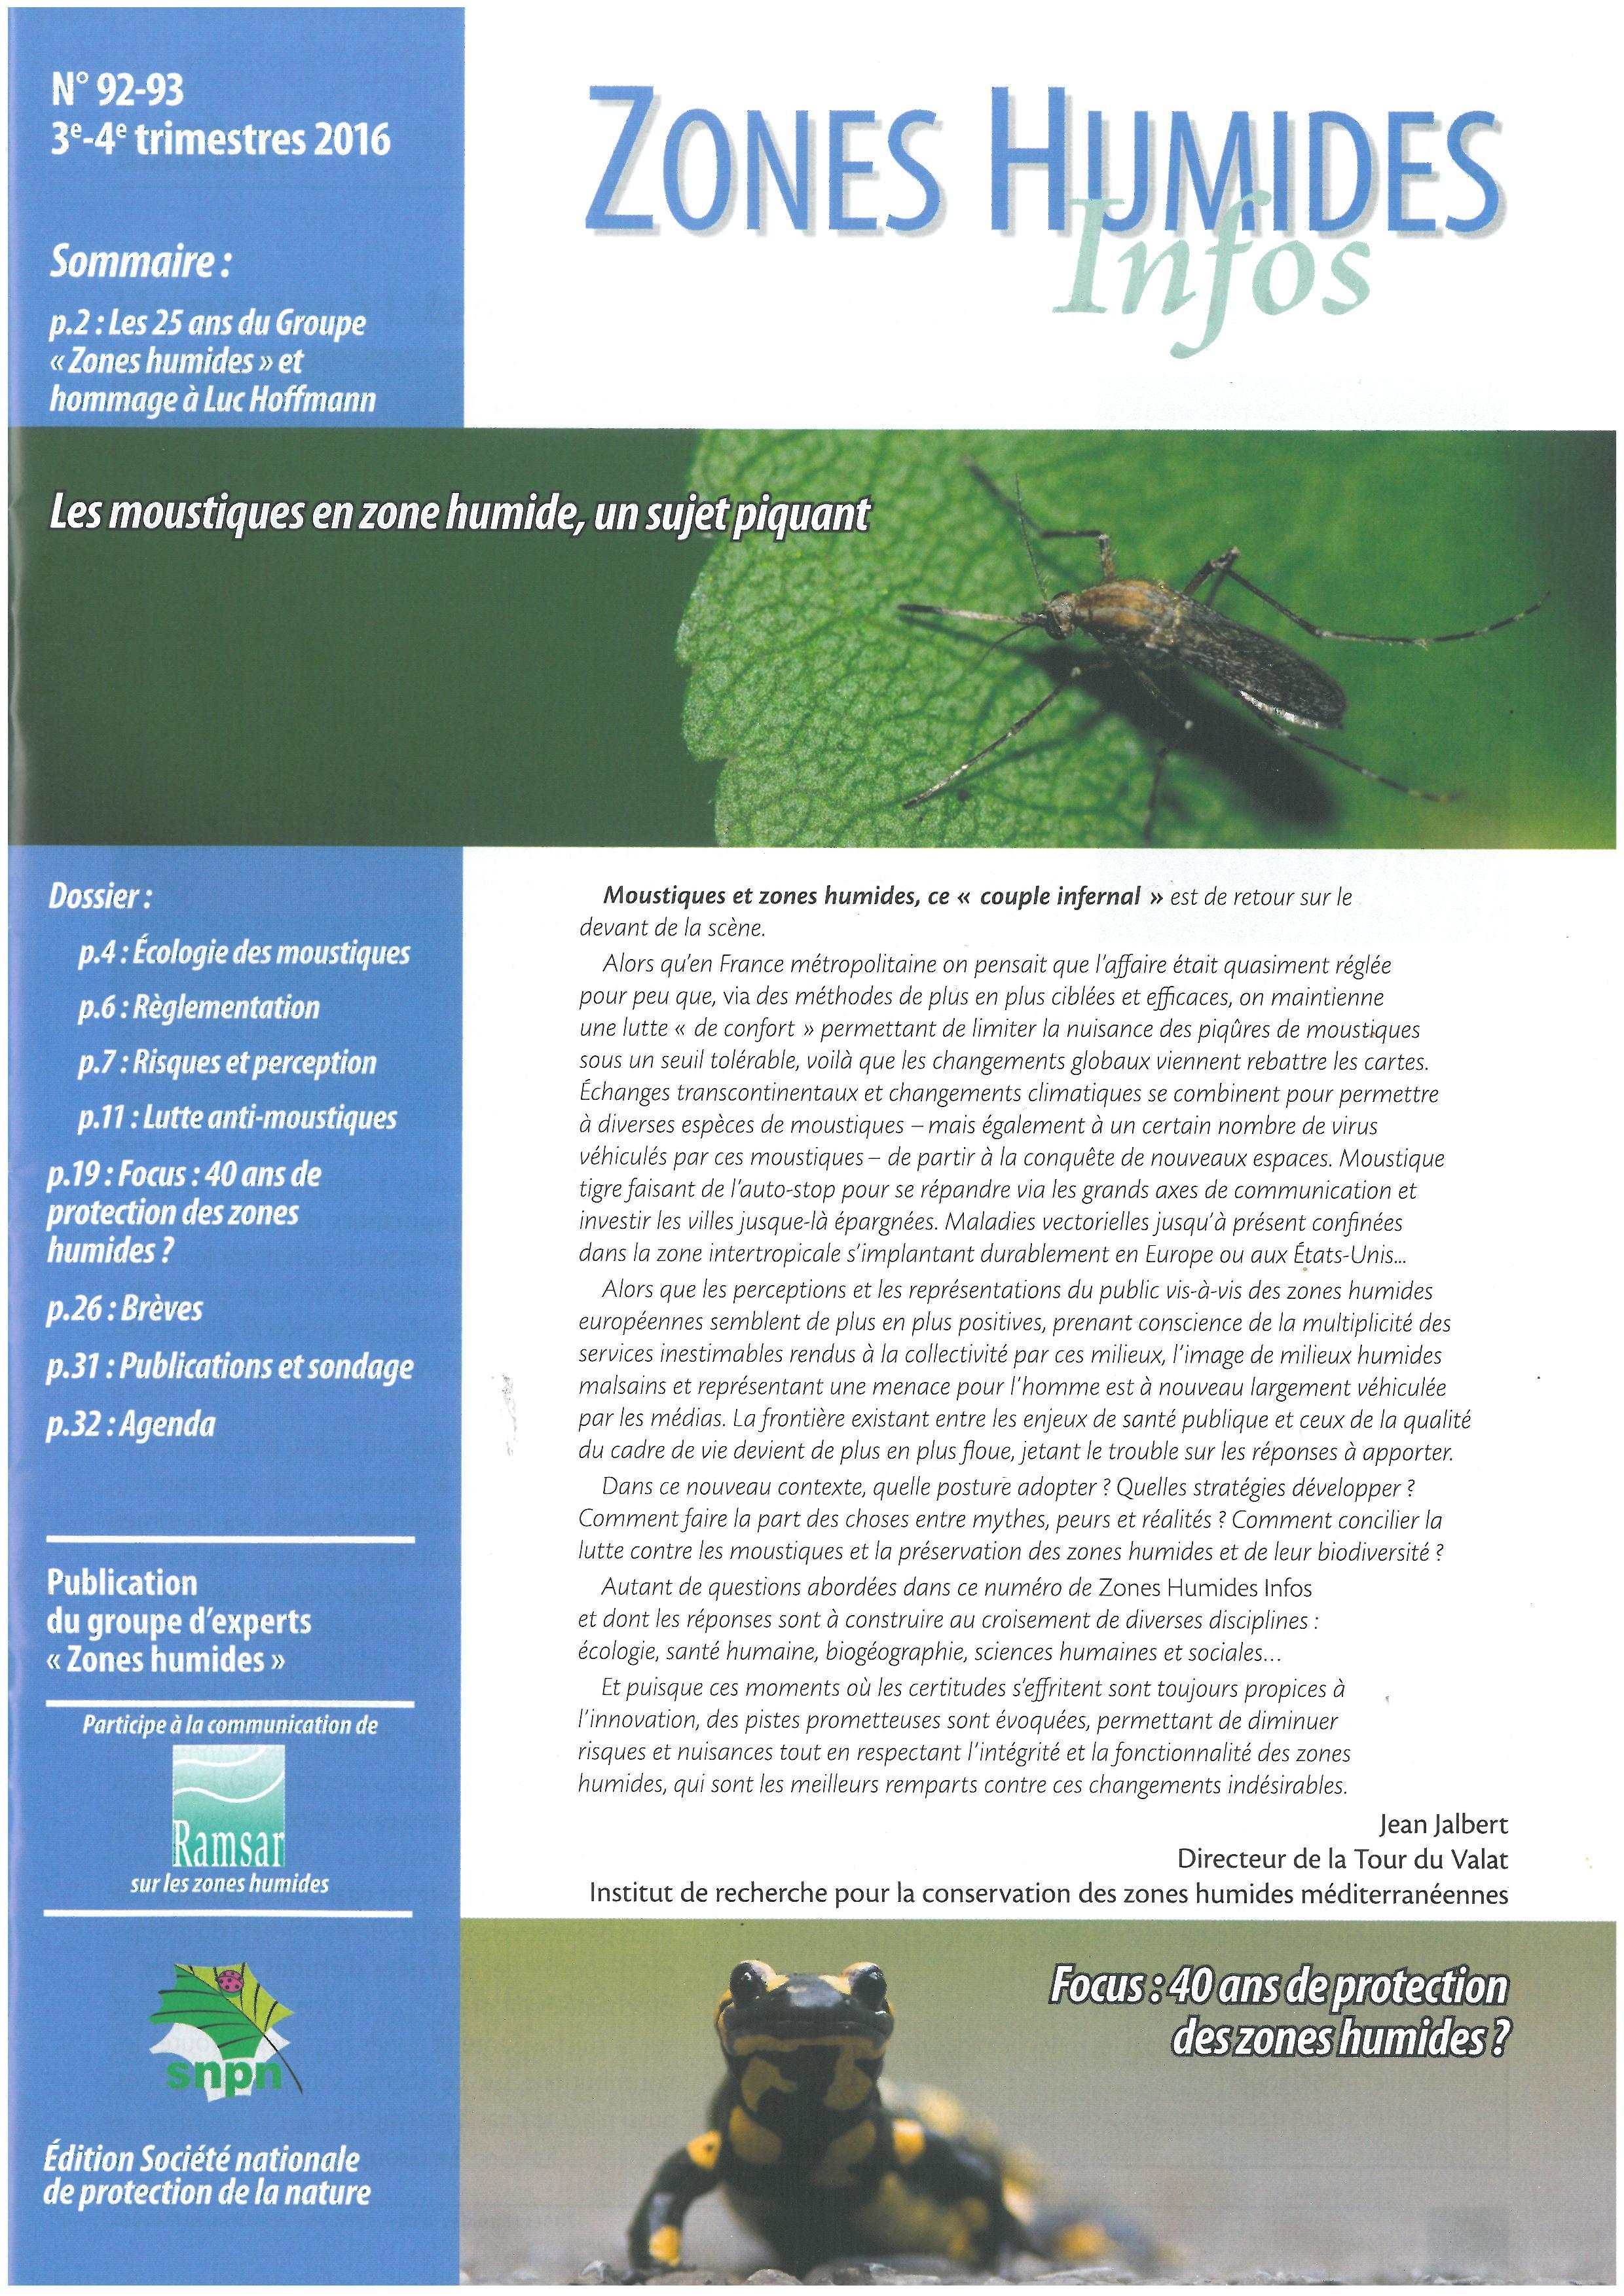 Zones Humides Infos n°92-93. Les moustiques en zone humide, un sujet piquant